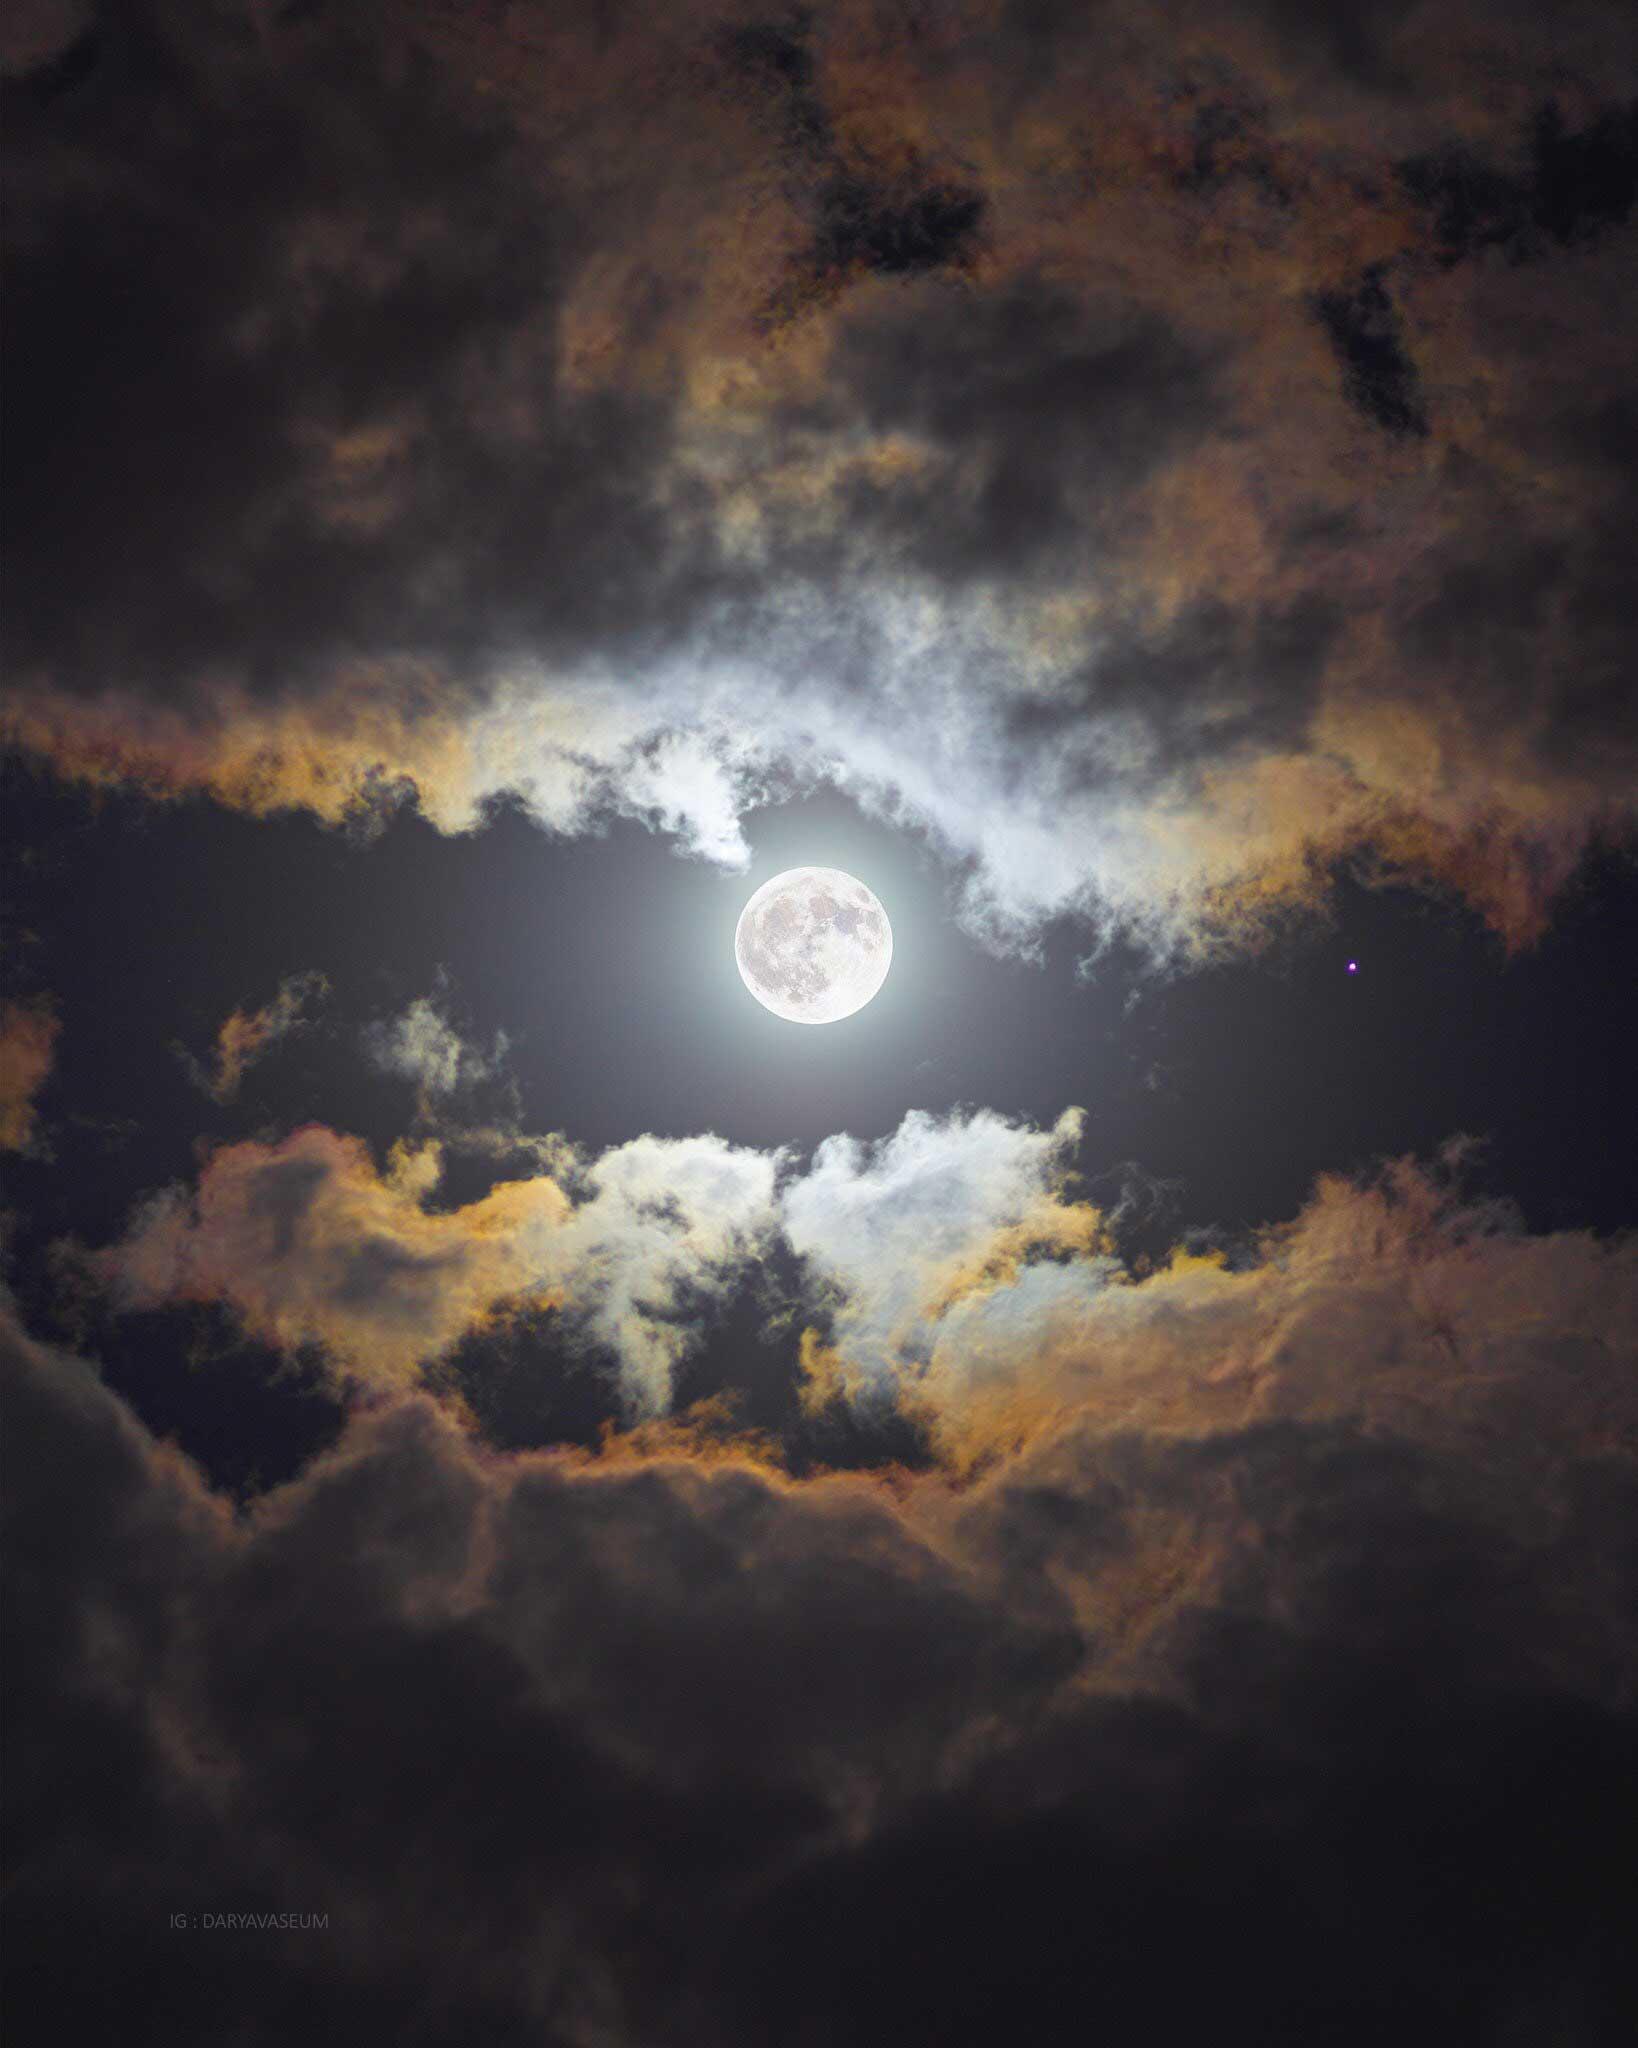 Imágenes de la luna Azul : Luna Azul en Monterrey, México (Octubre de 2020) vía @MiPatanFavorito (Twitter)